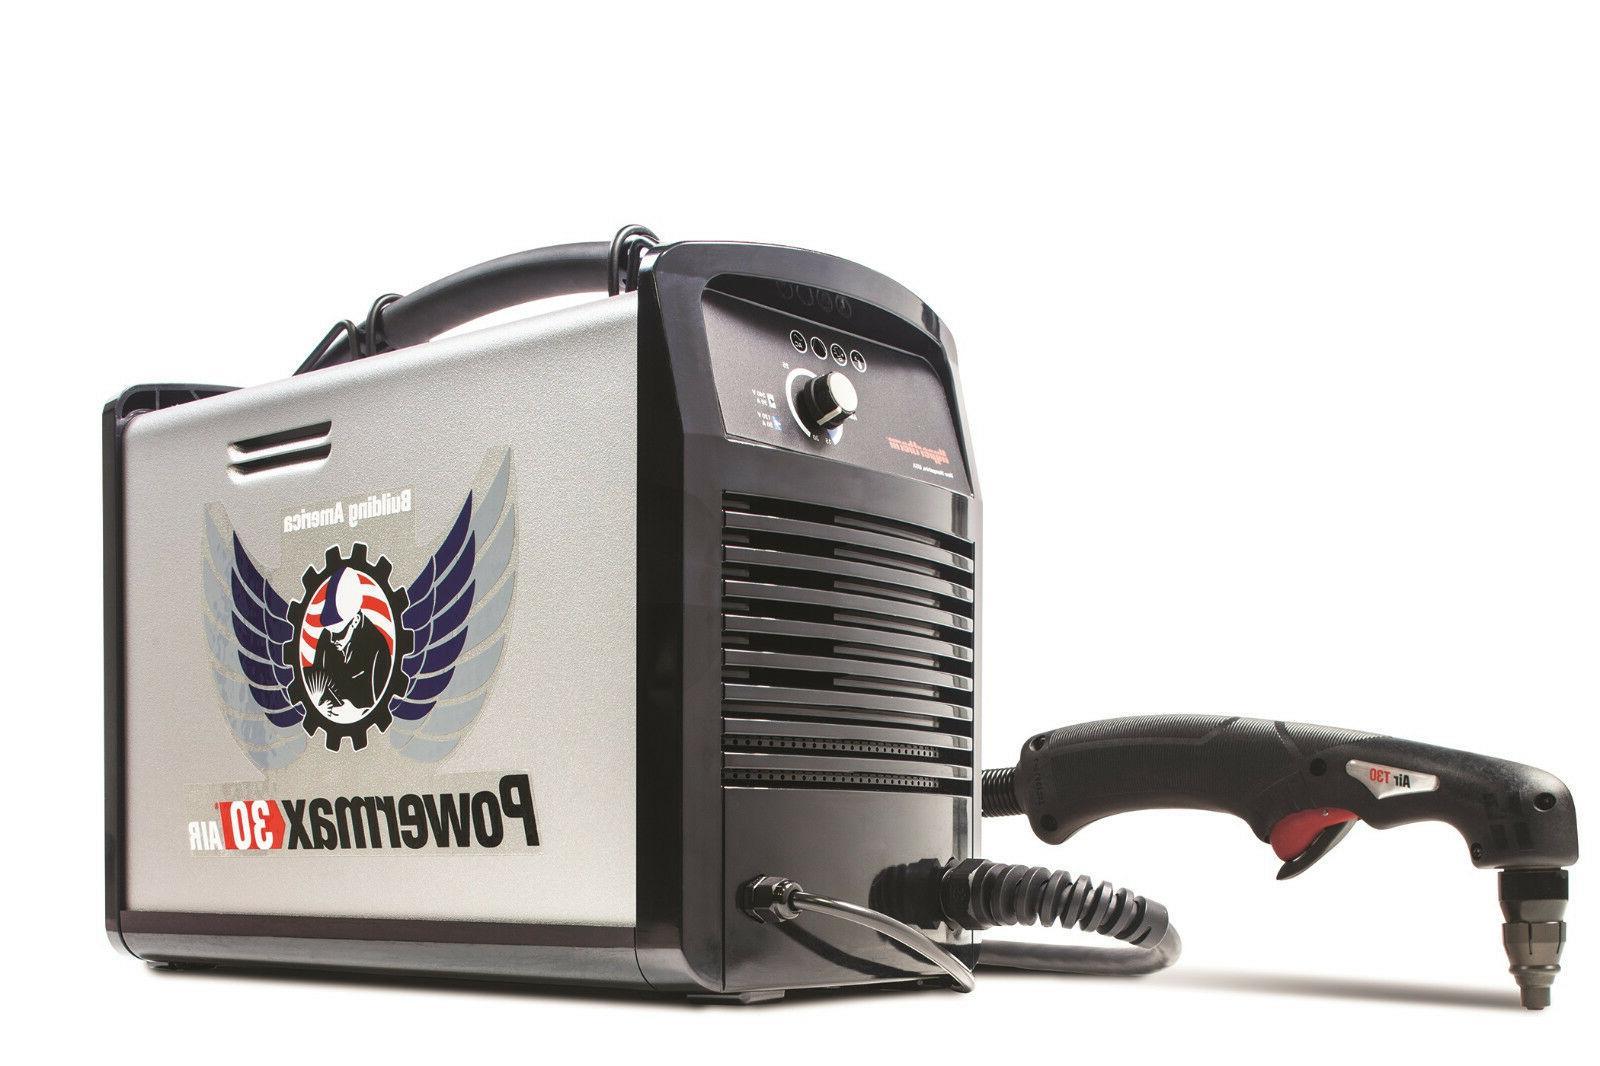 088096 powermax 30 air hand